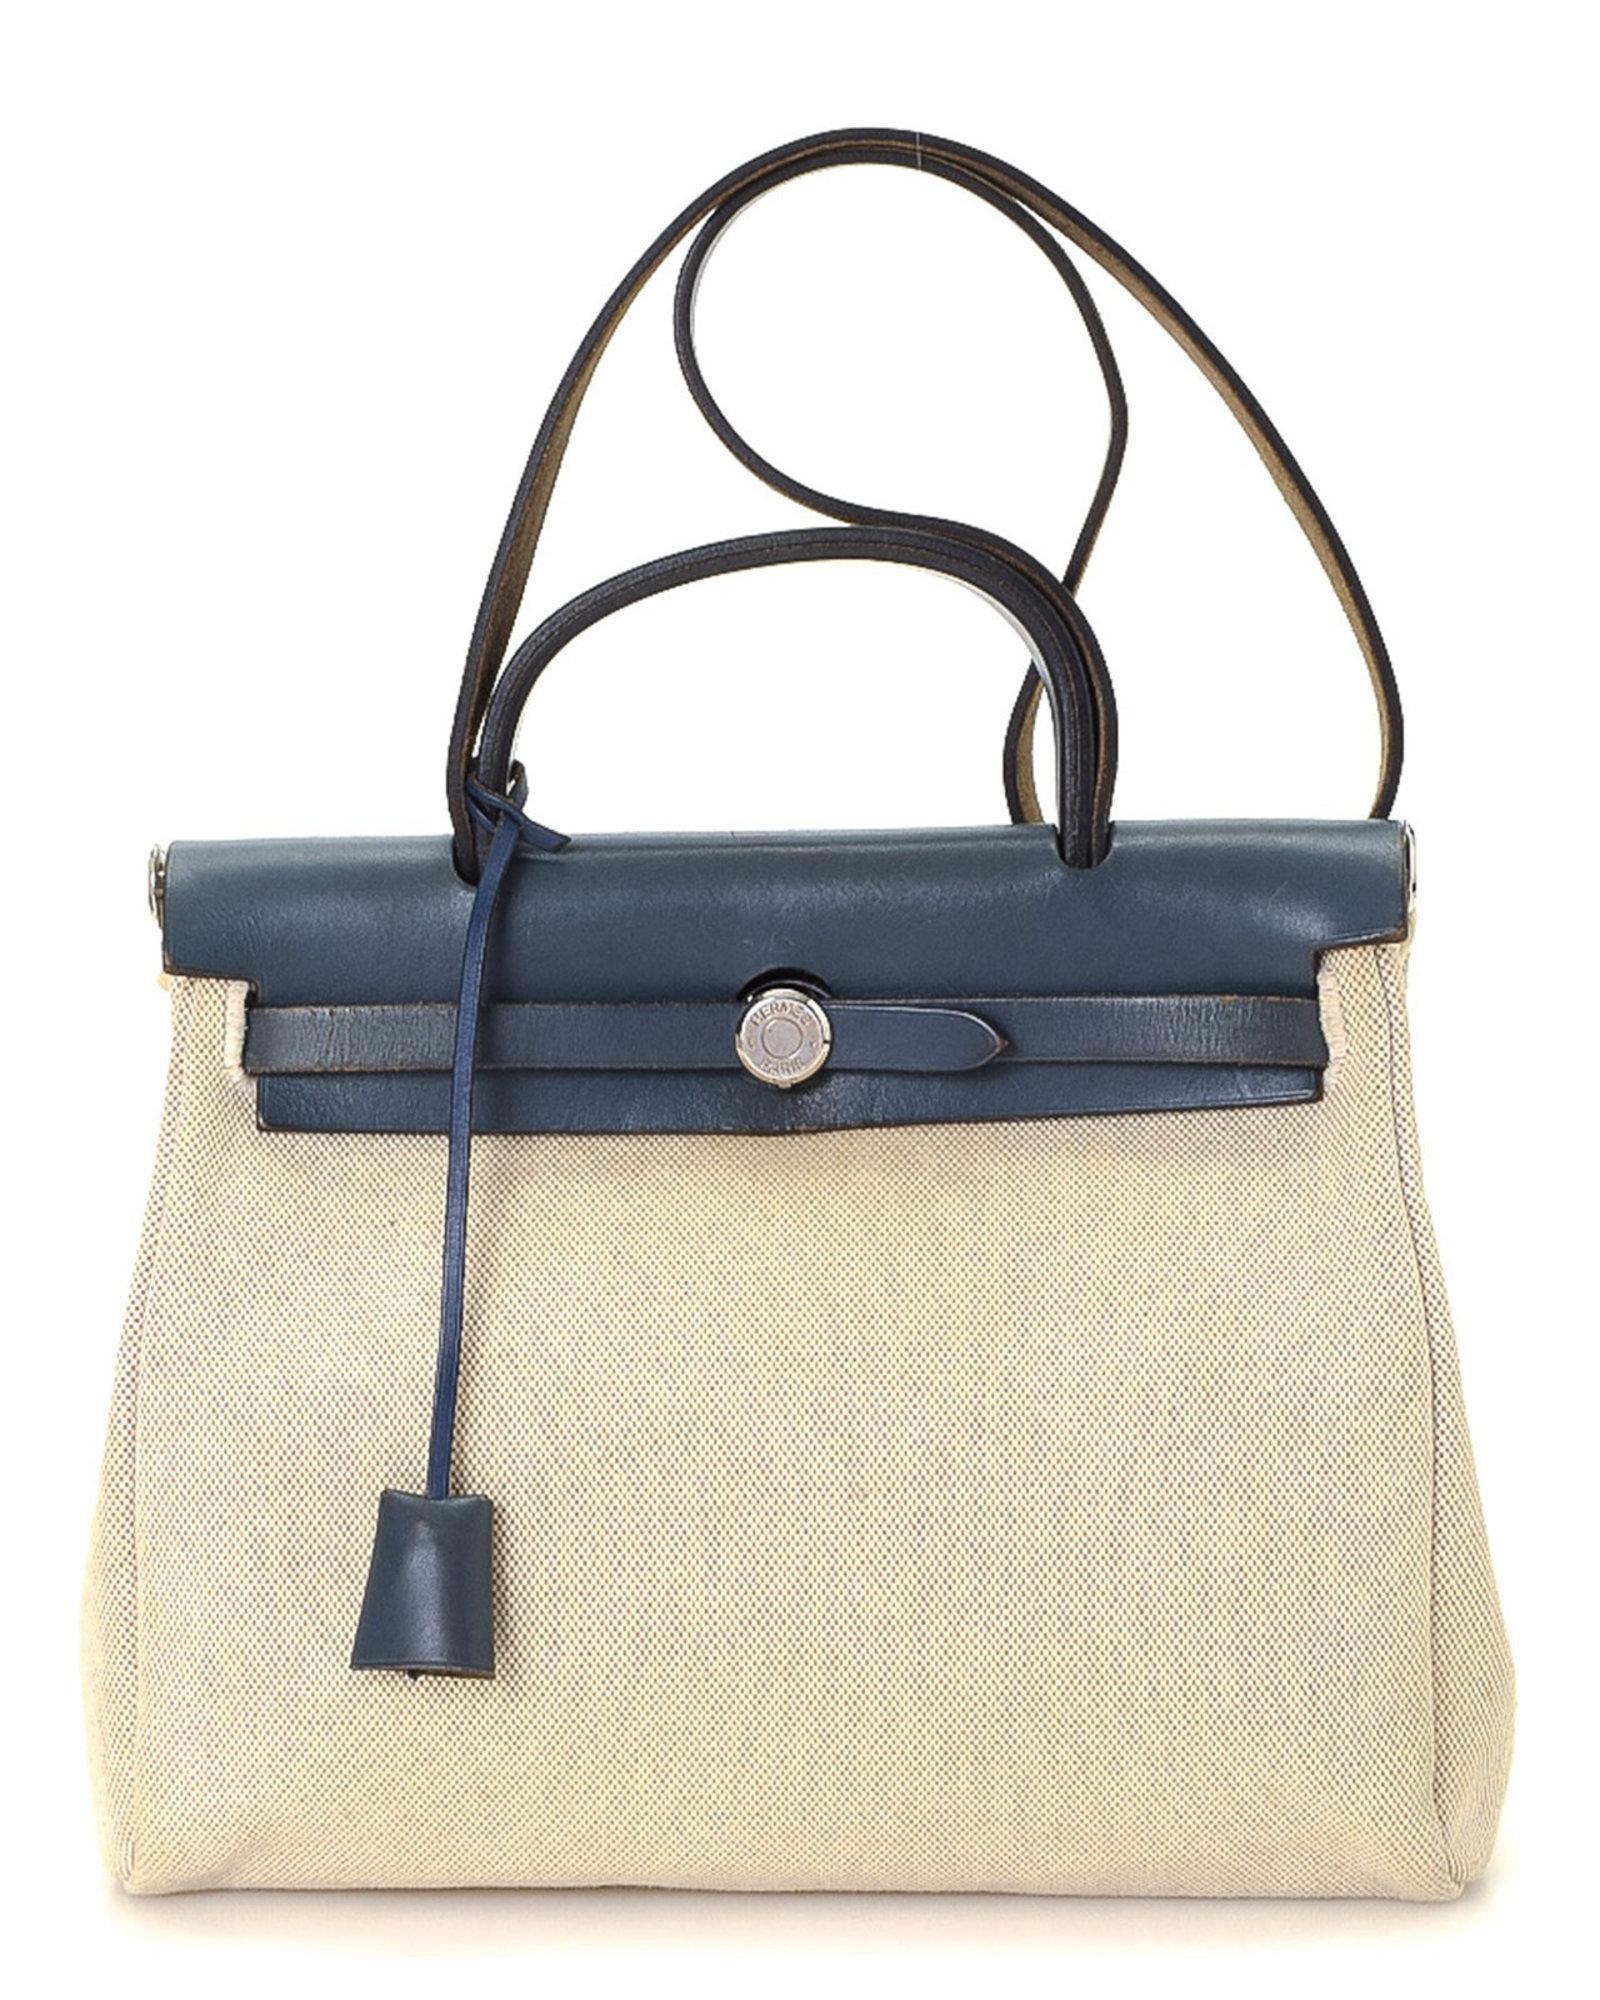 93d1ba5e96 Lyst - Hermès Herbag Pm Handbag - Vintage in Natural